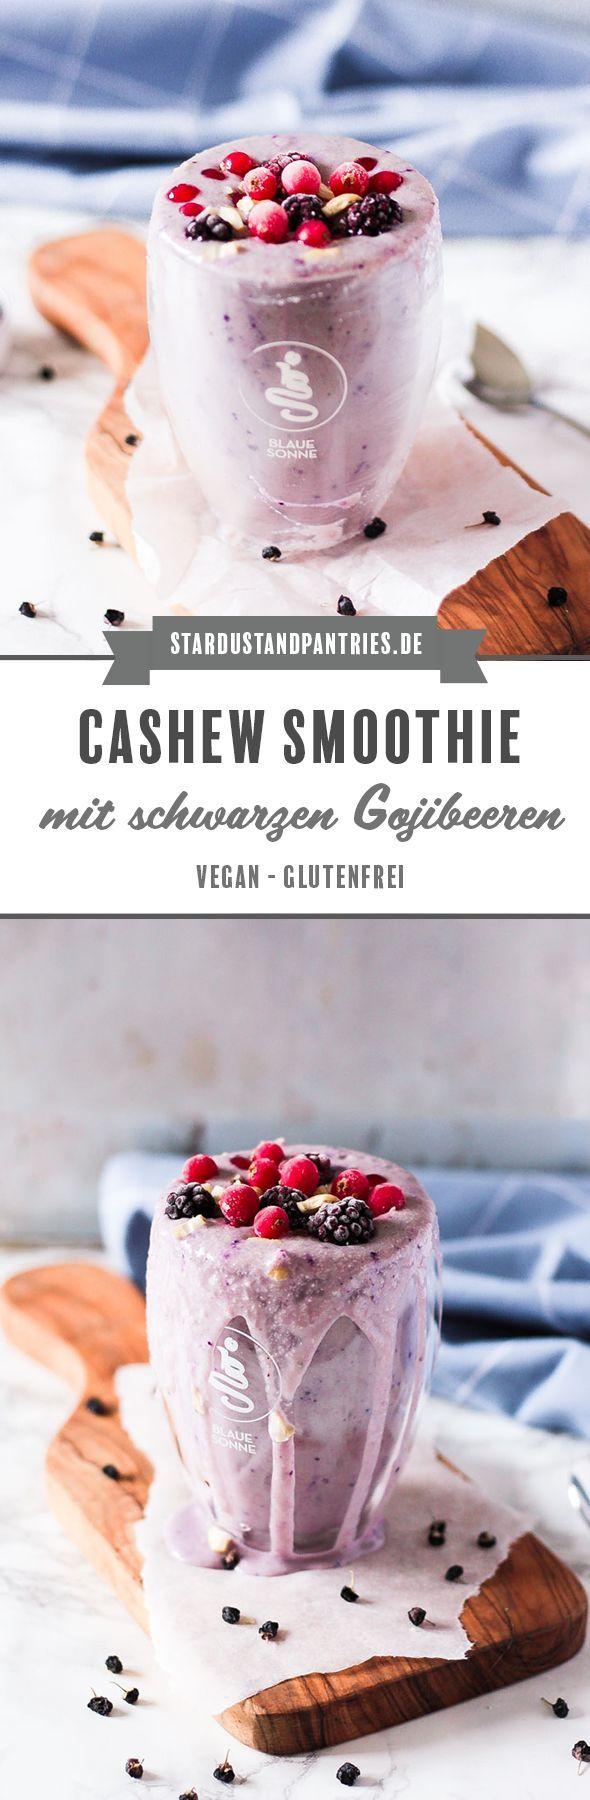 Ein veganer Cashew Smoothie mit schwarzen Gojibeeren versorgt dich mit einer großen Portion Antioxidantien, Eisen und Calcium - ein perfekter Snack für Unterwegs, das Büro oder als Frühstück. #Frühstück #Smoothie #schwarzegojibeeren #Superfood #vegan